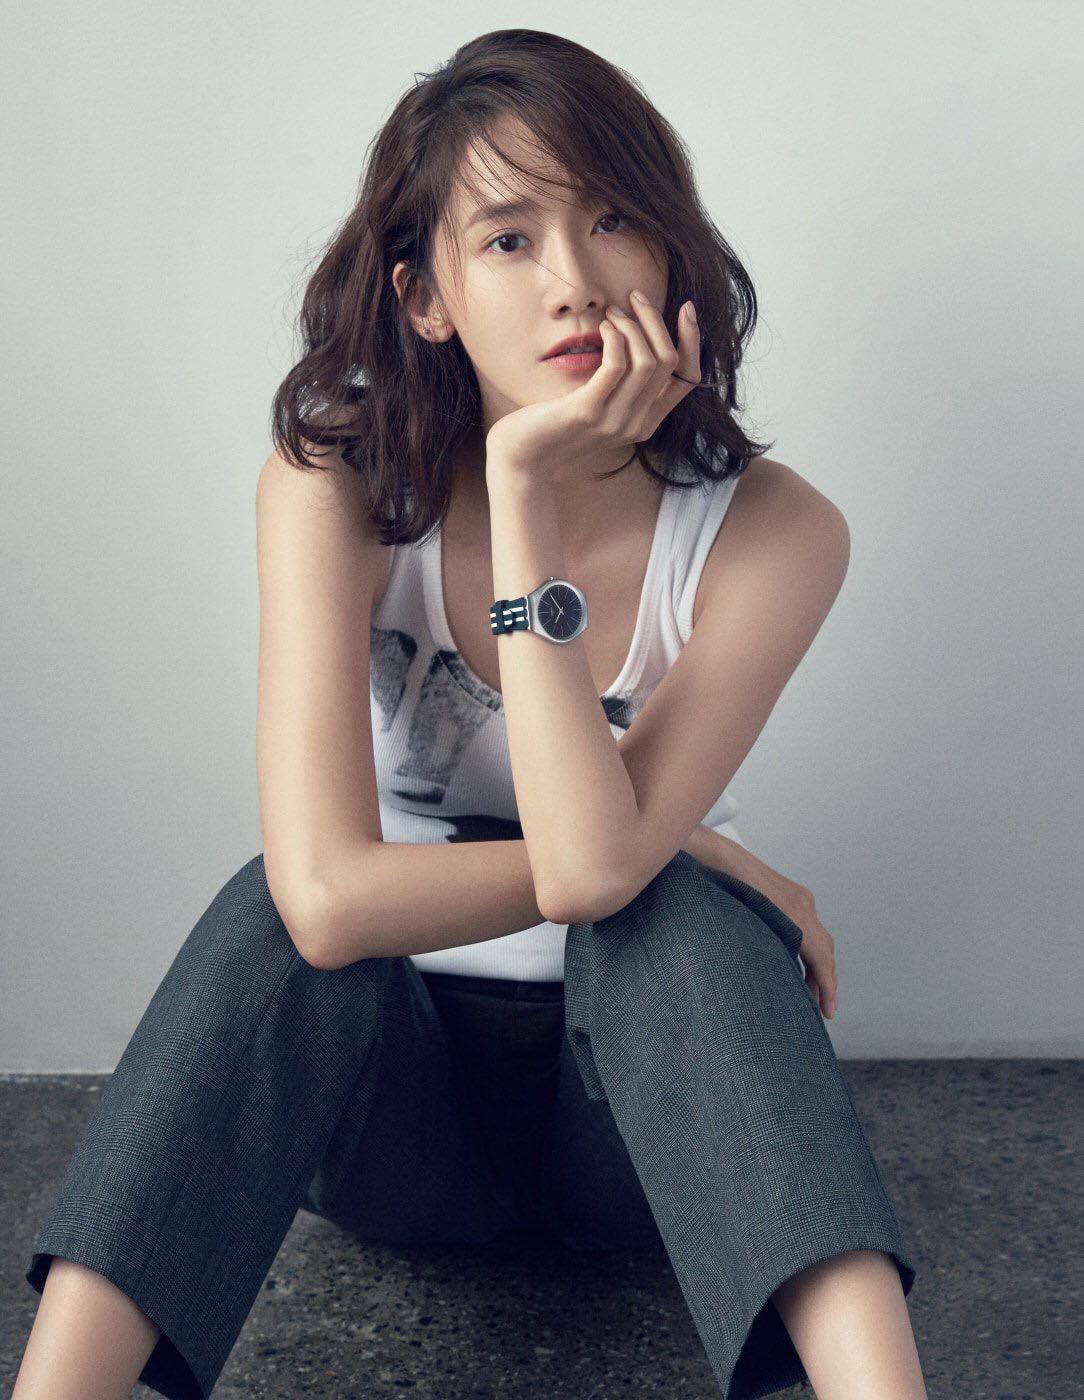 gillespie sayang Asian models